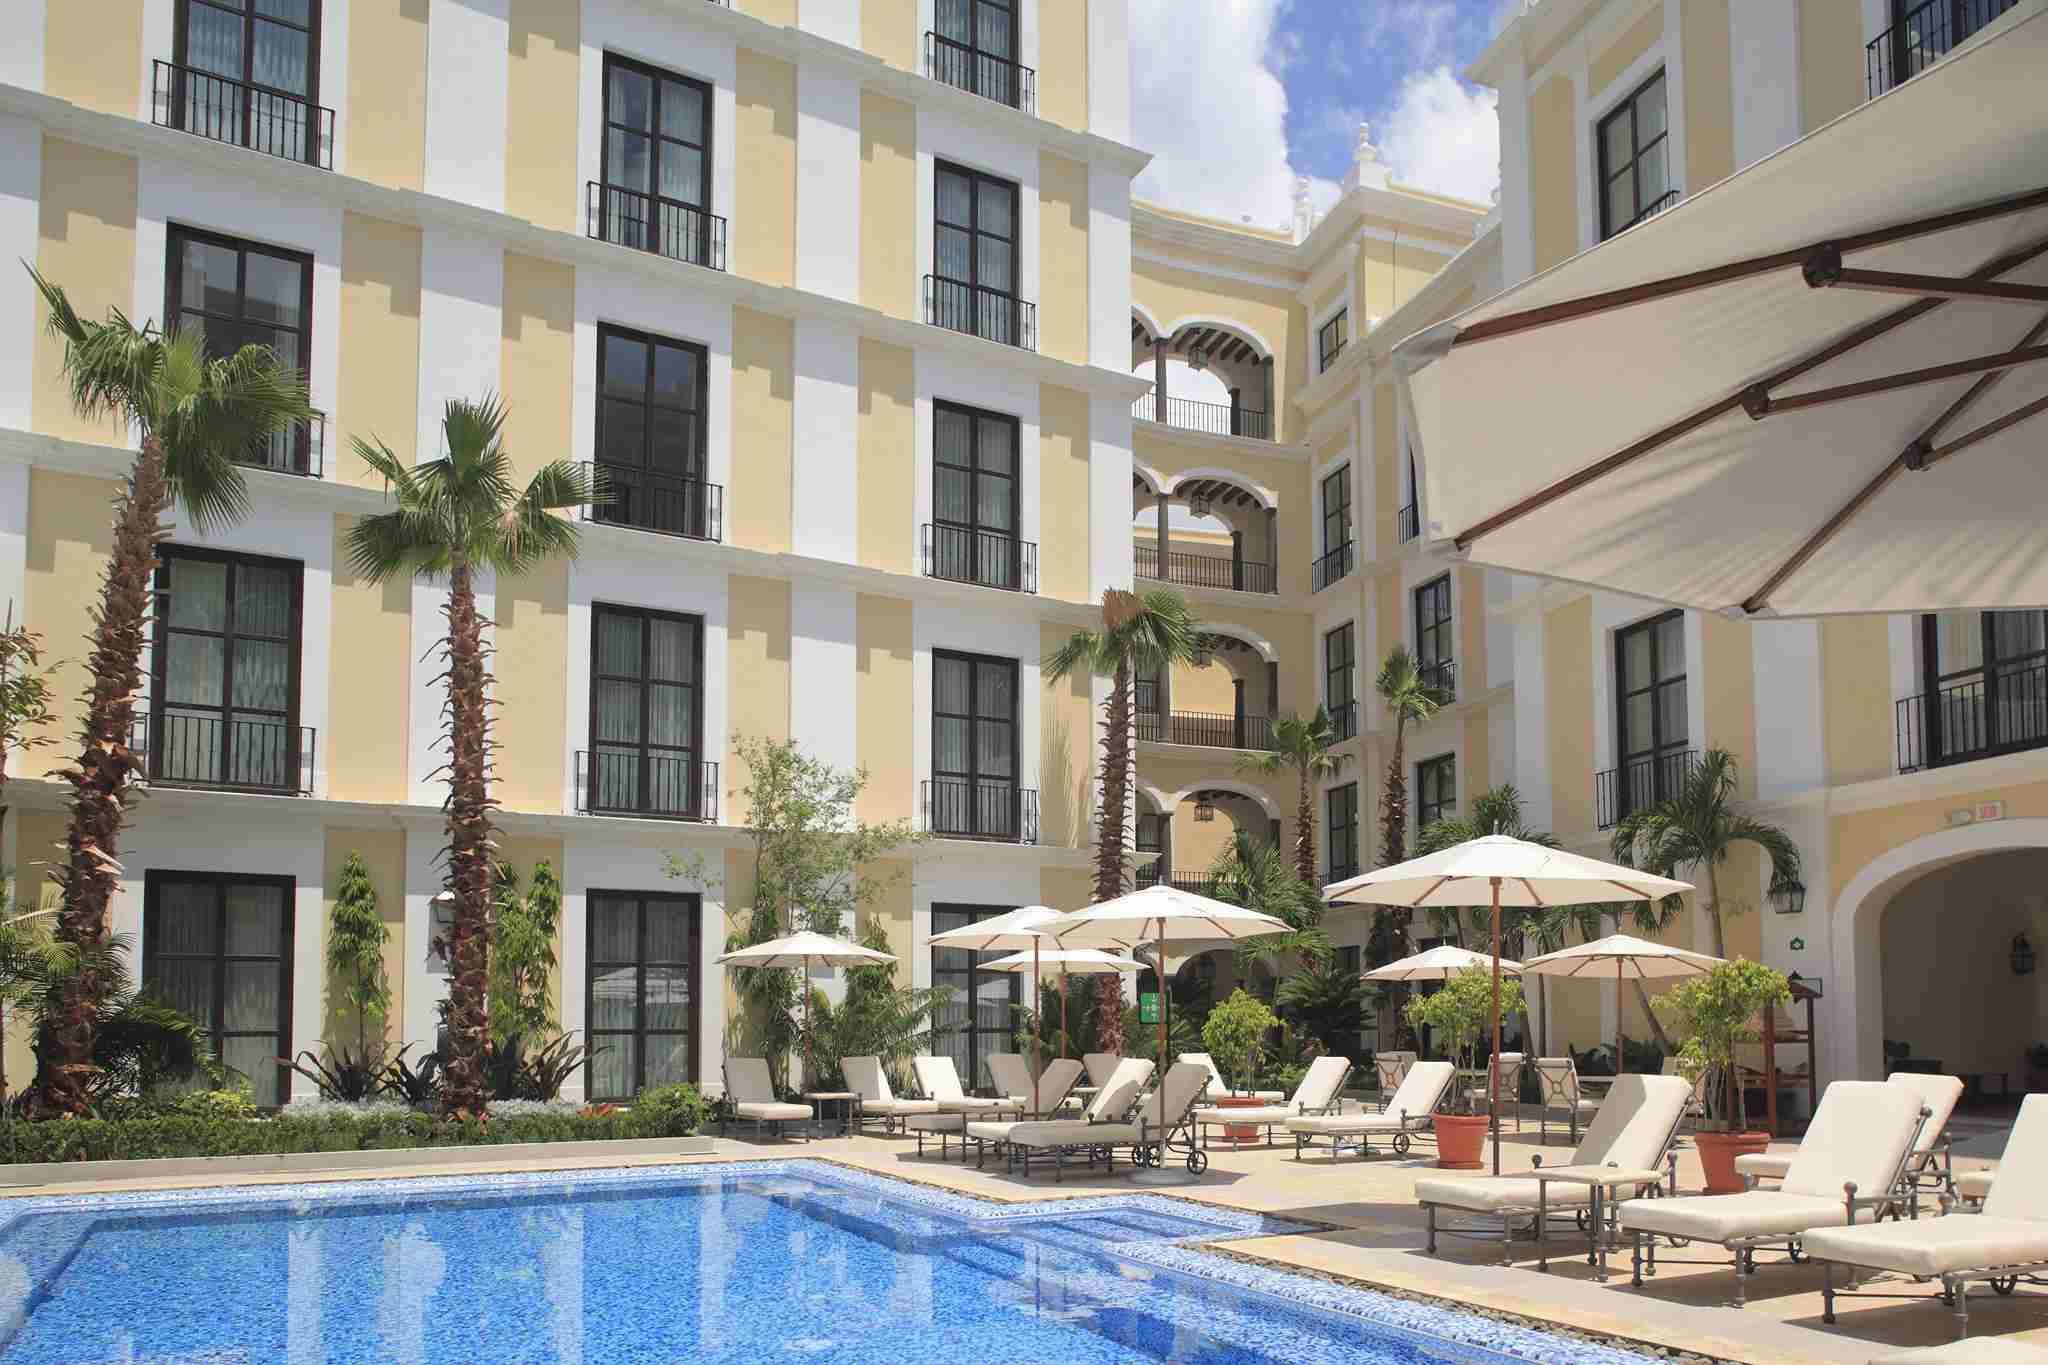 Hotel Solar de las Ánimas Pool